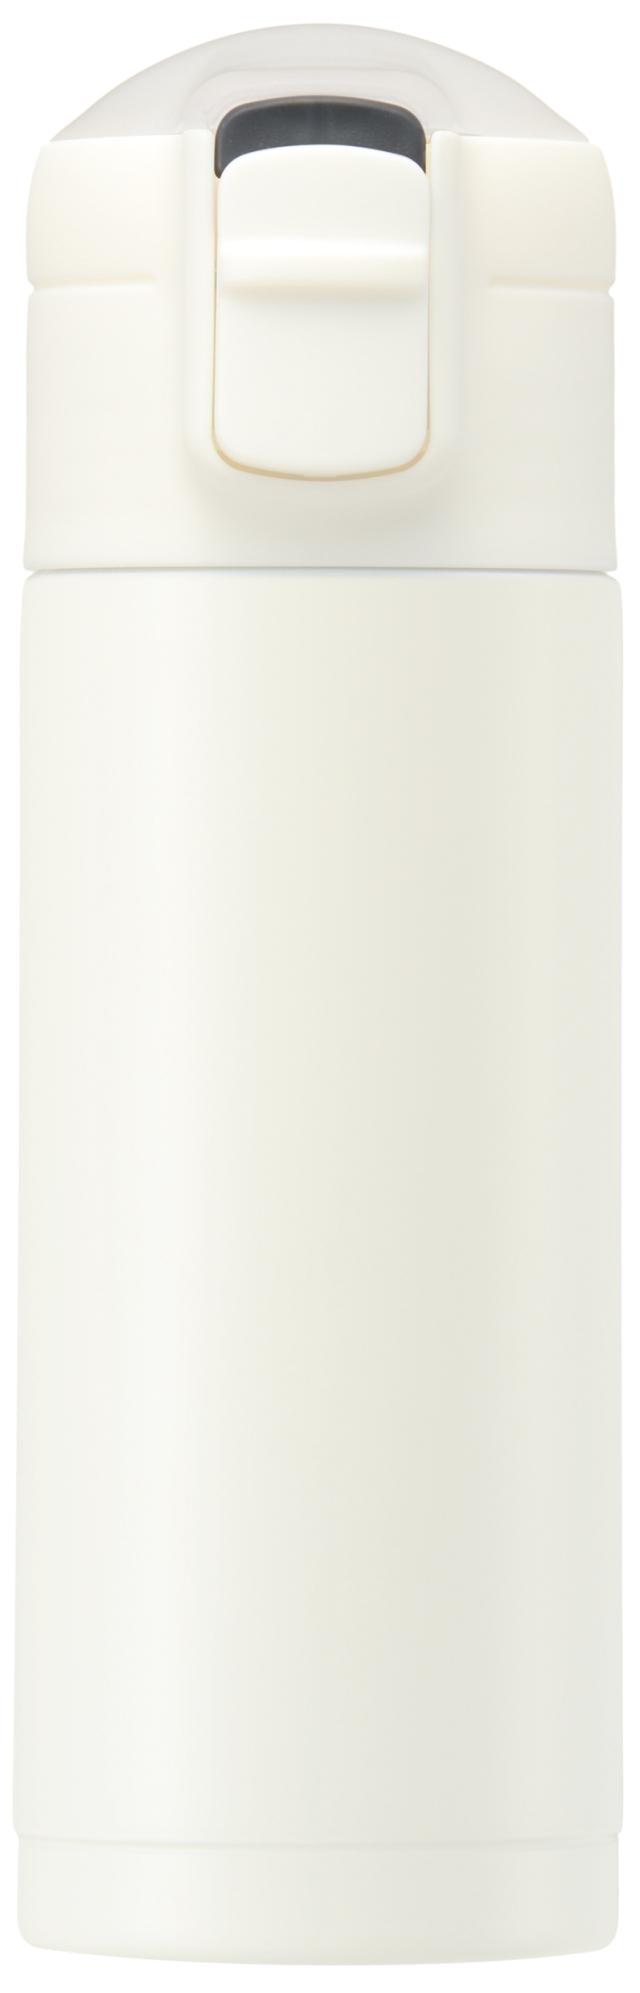 ピルケース付きプチボトル150ml(アイボリー)